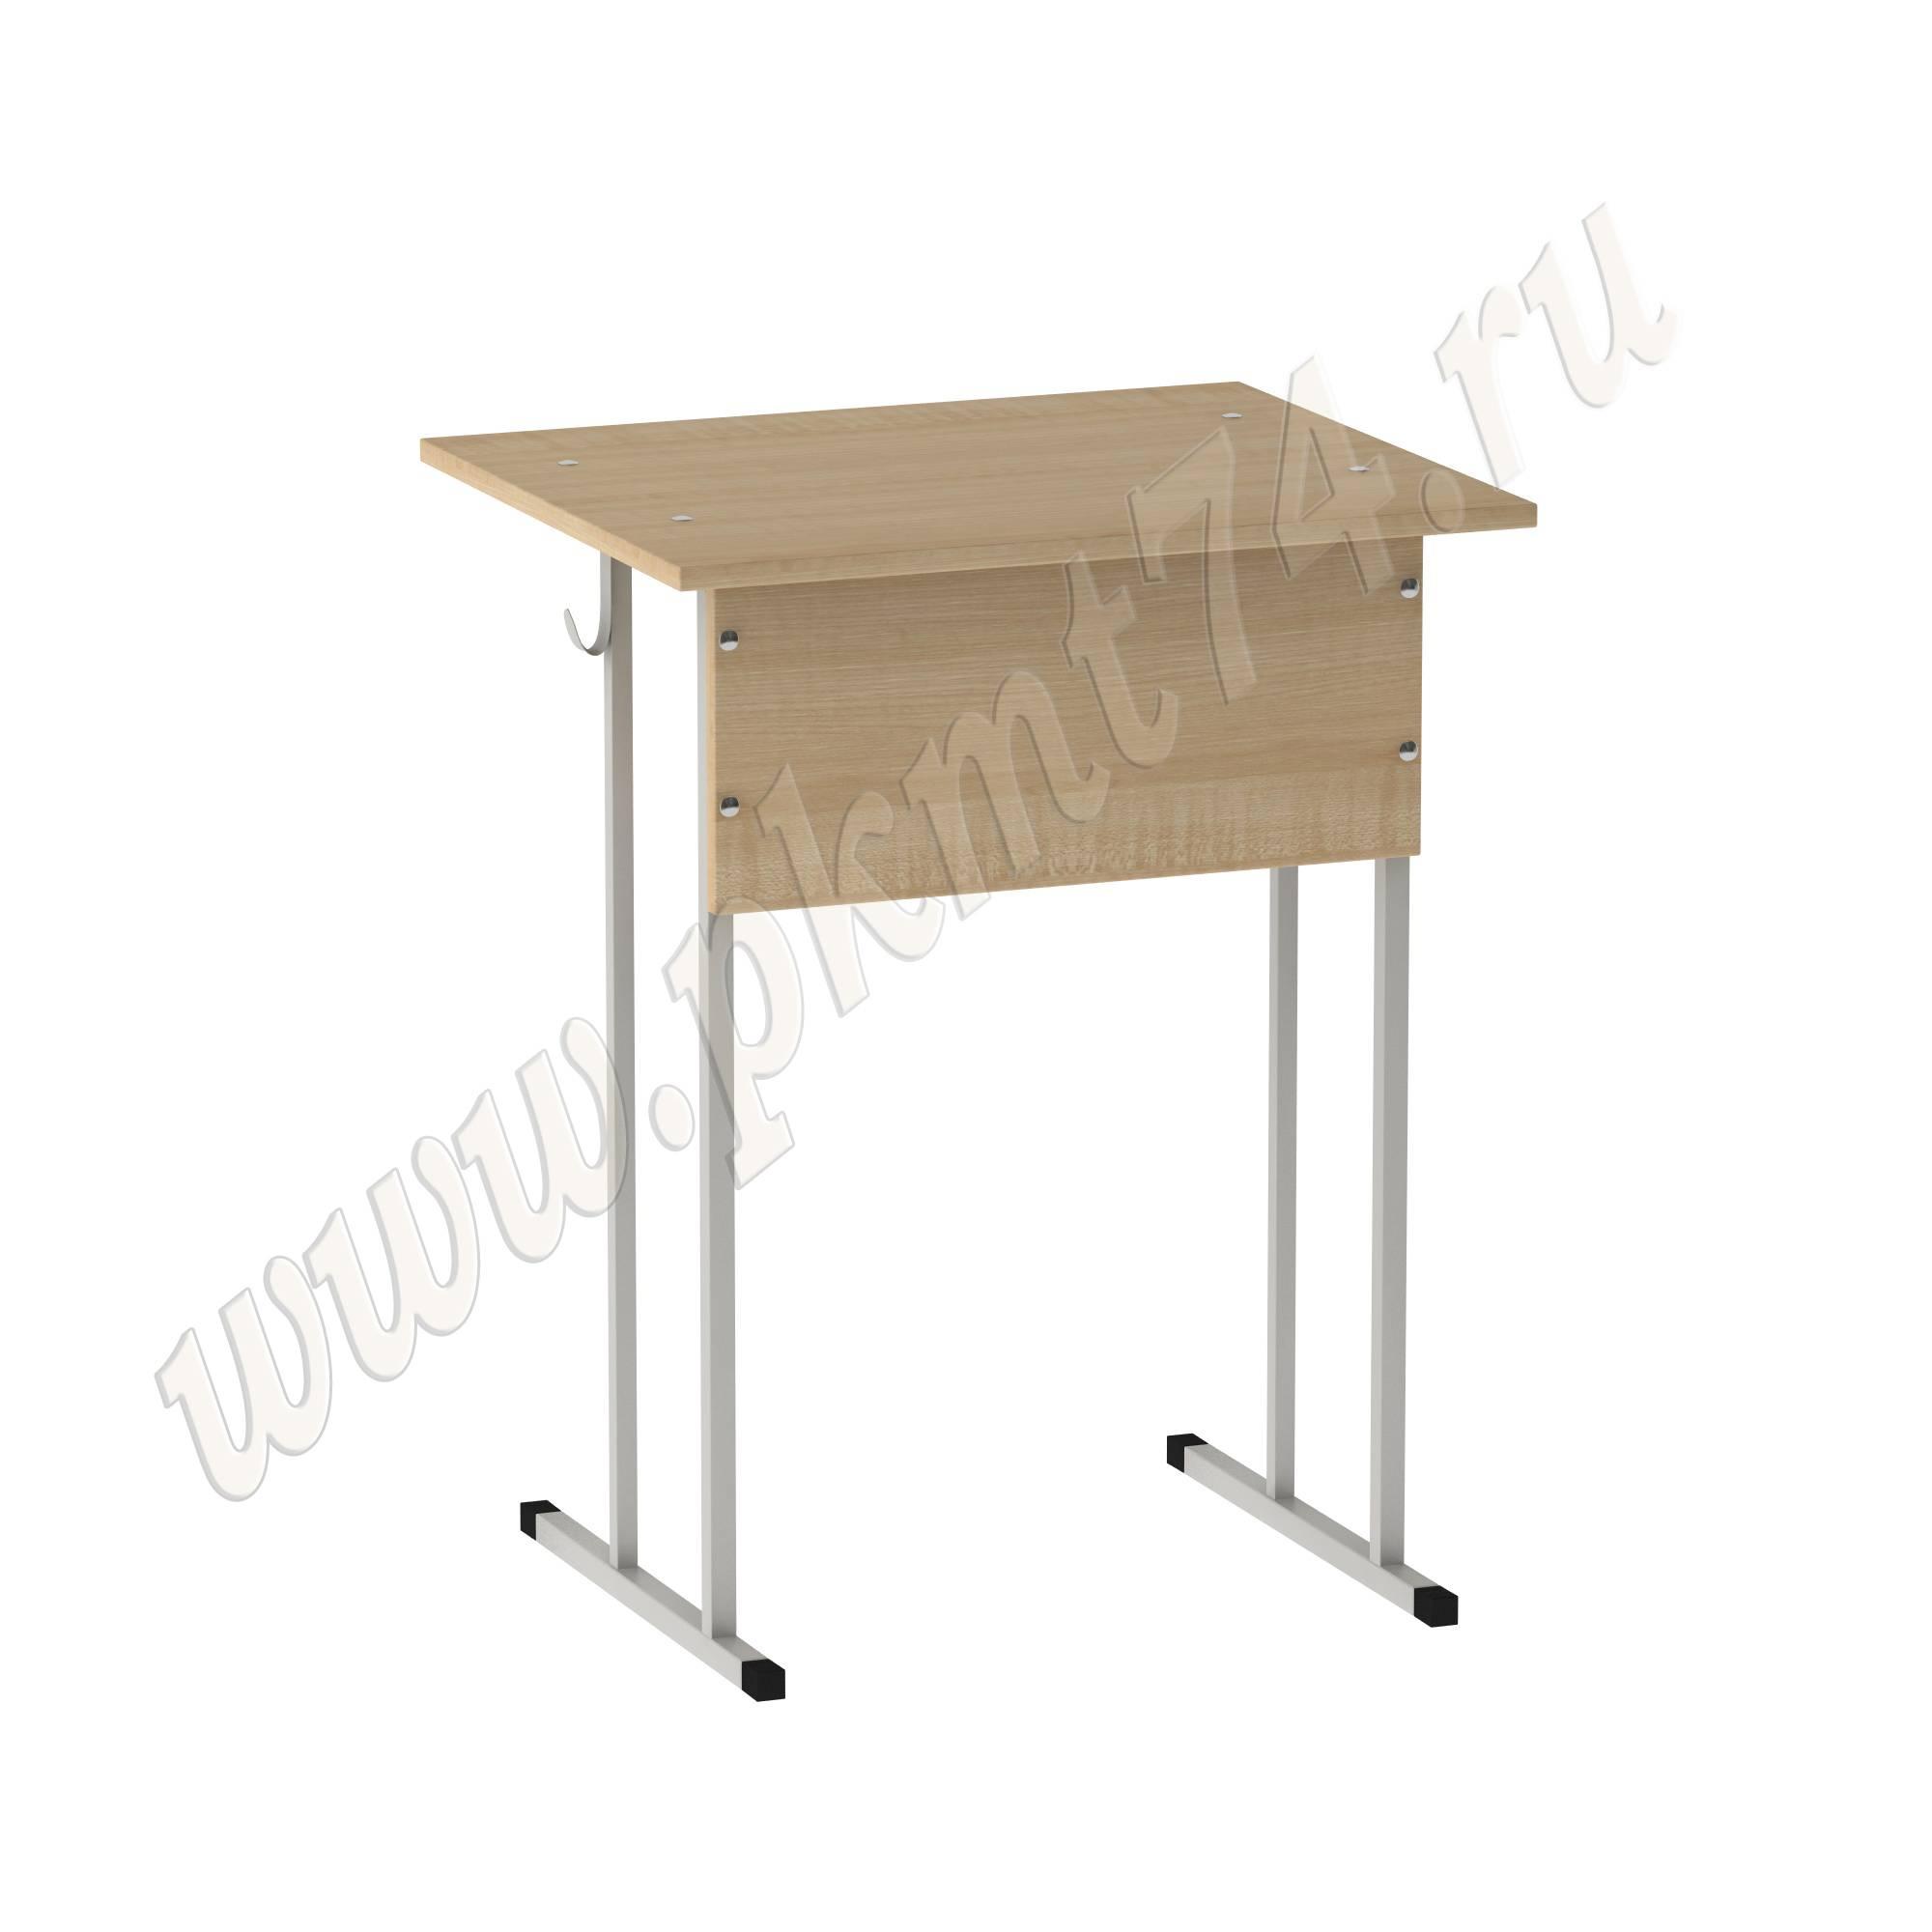 Стол ученический нерегулируемый одноместный [Цвет ЛДСП:: Клён]